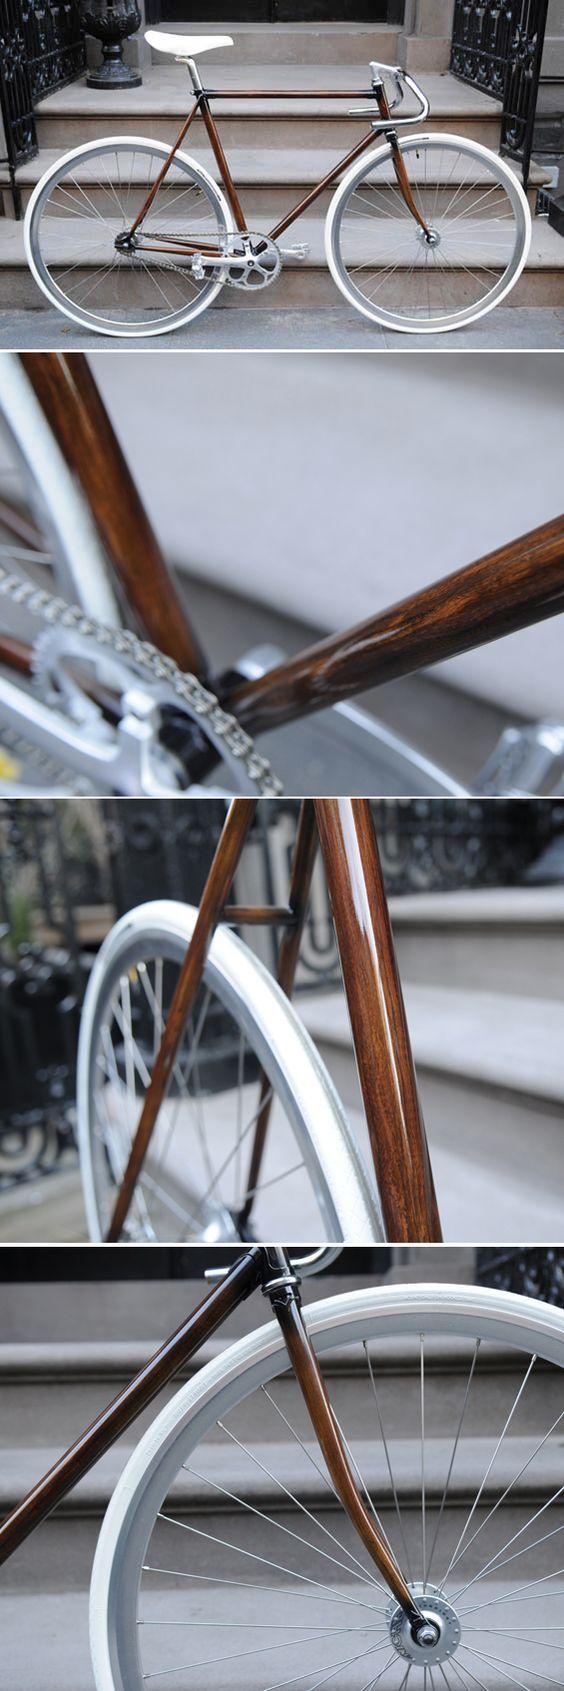 The most beautiful wooden bike....ein wunderschönes Single Speed Bike,...Radial gespeichtes Vorderrad mit Hochflanchnaben, V-Felgen und Weißwandreifen, perfekt verarbeitet.: